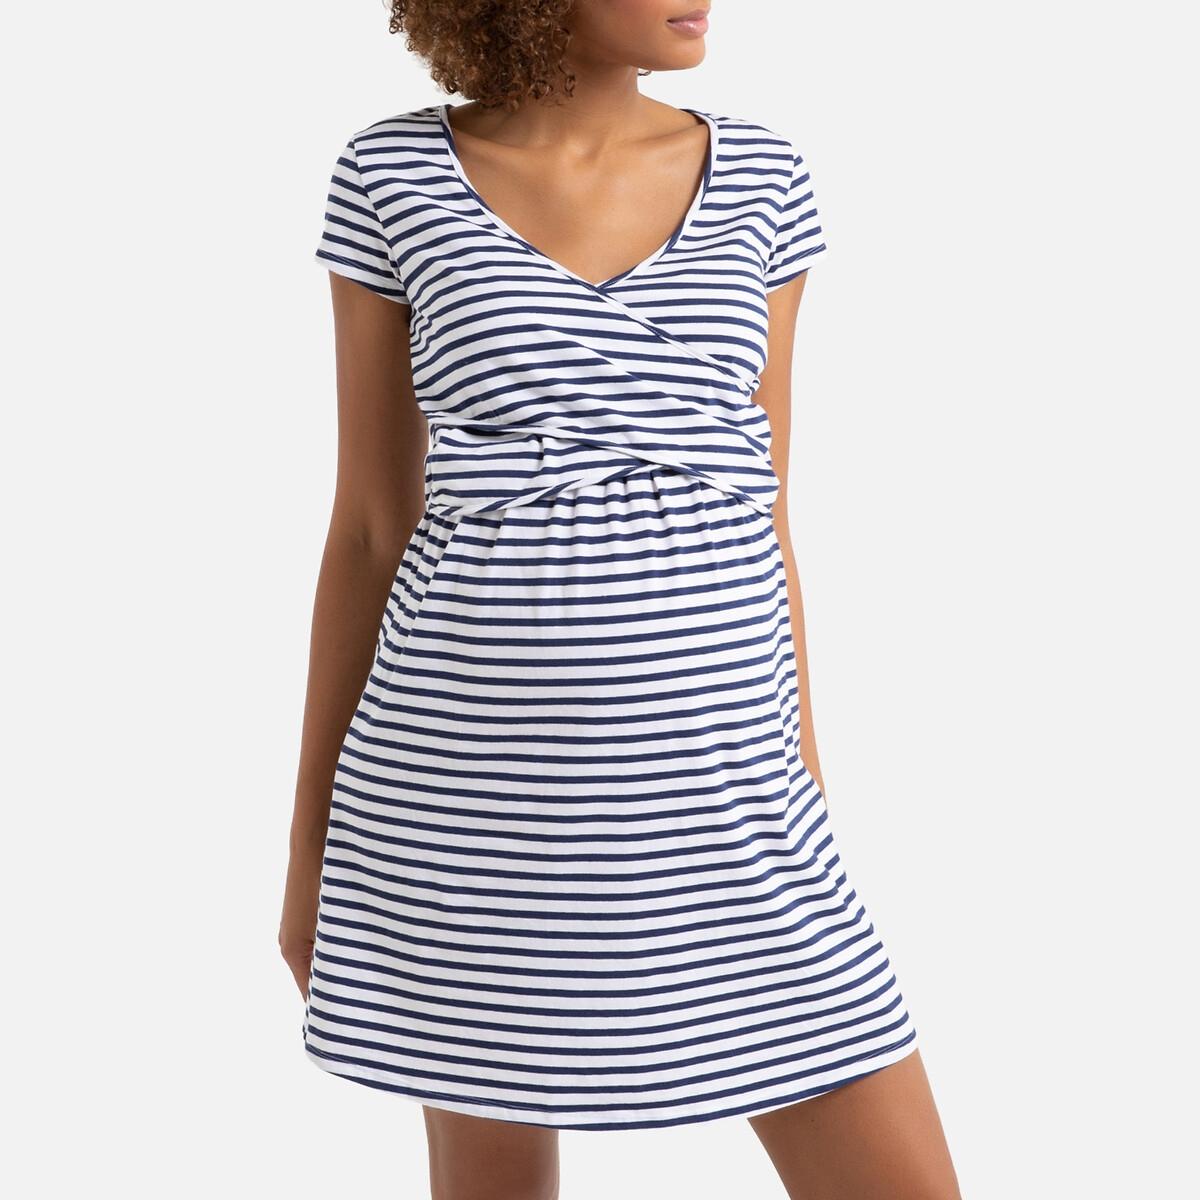 Camisa de dormir, especial gravidez e amamentação